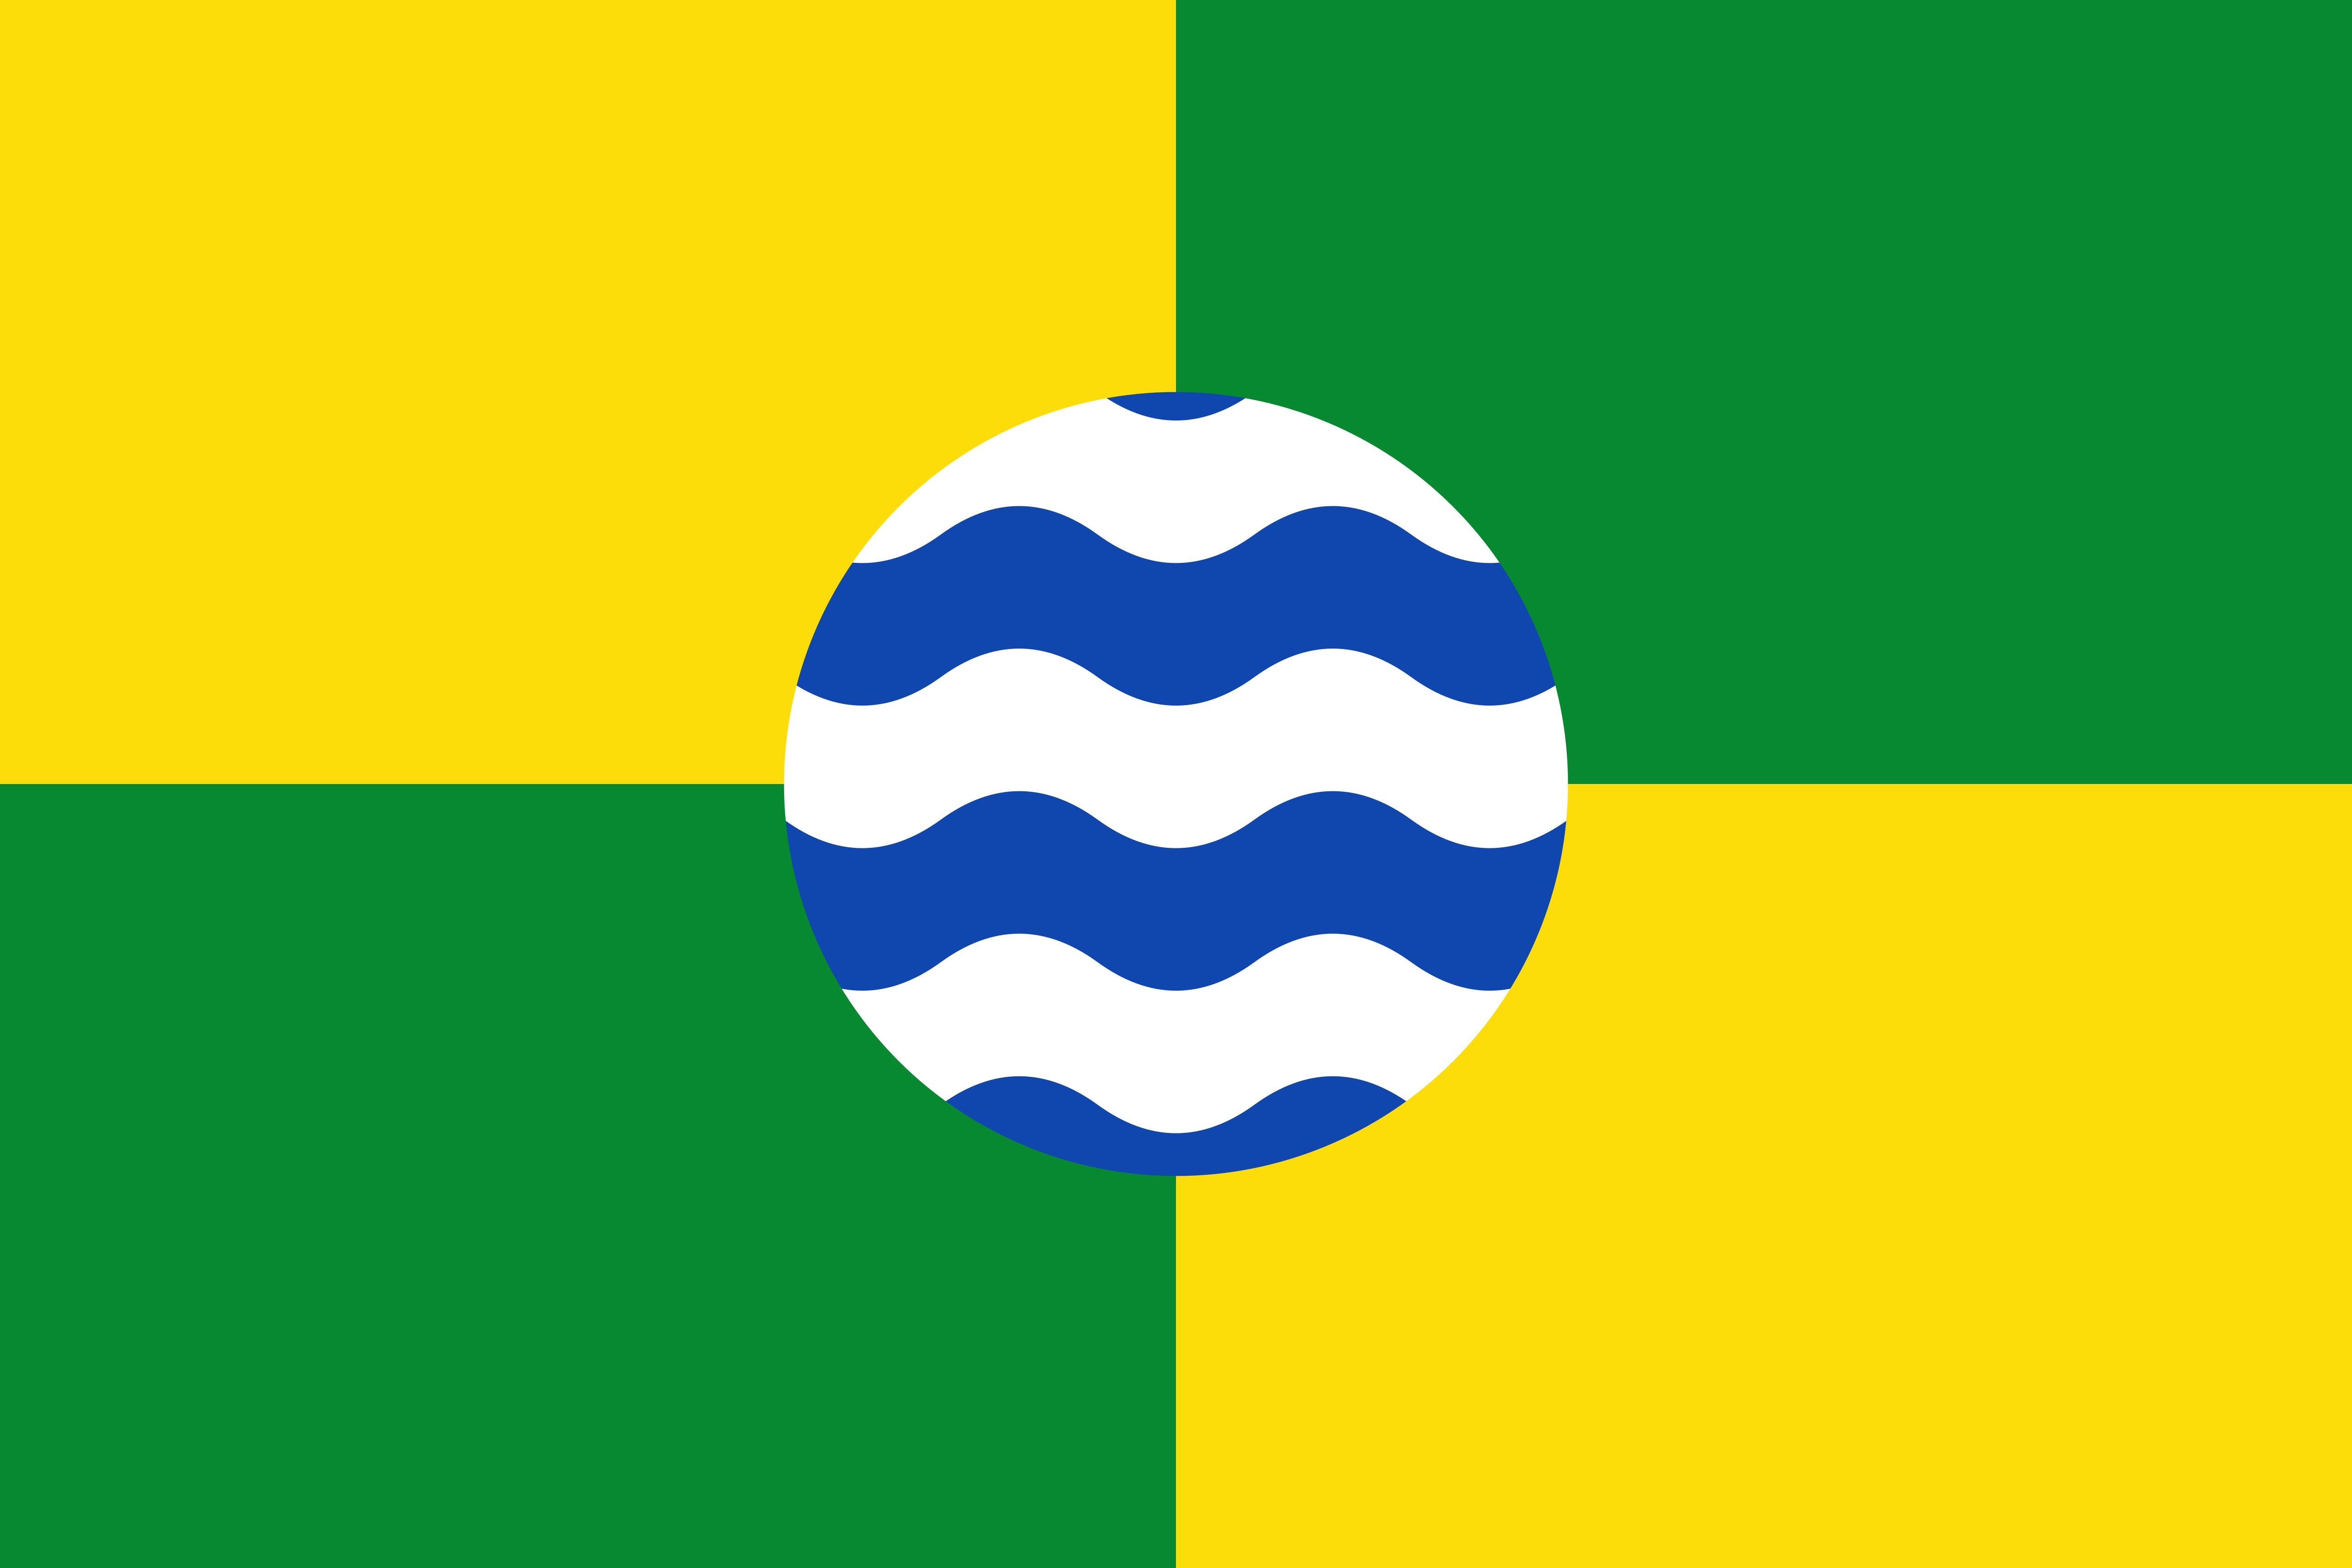 Flag_of_Nairobi